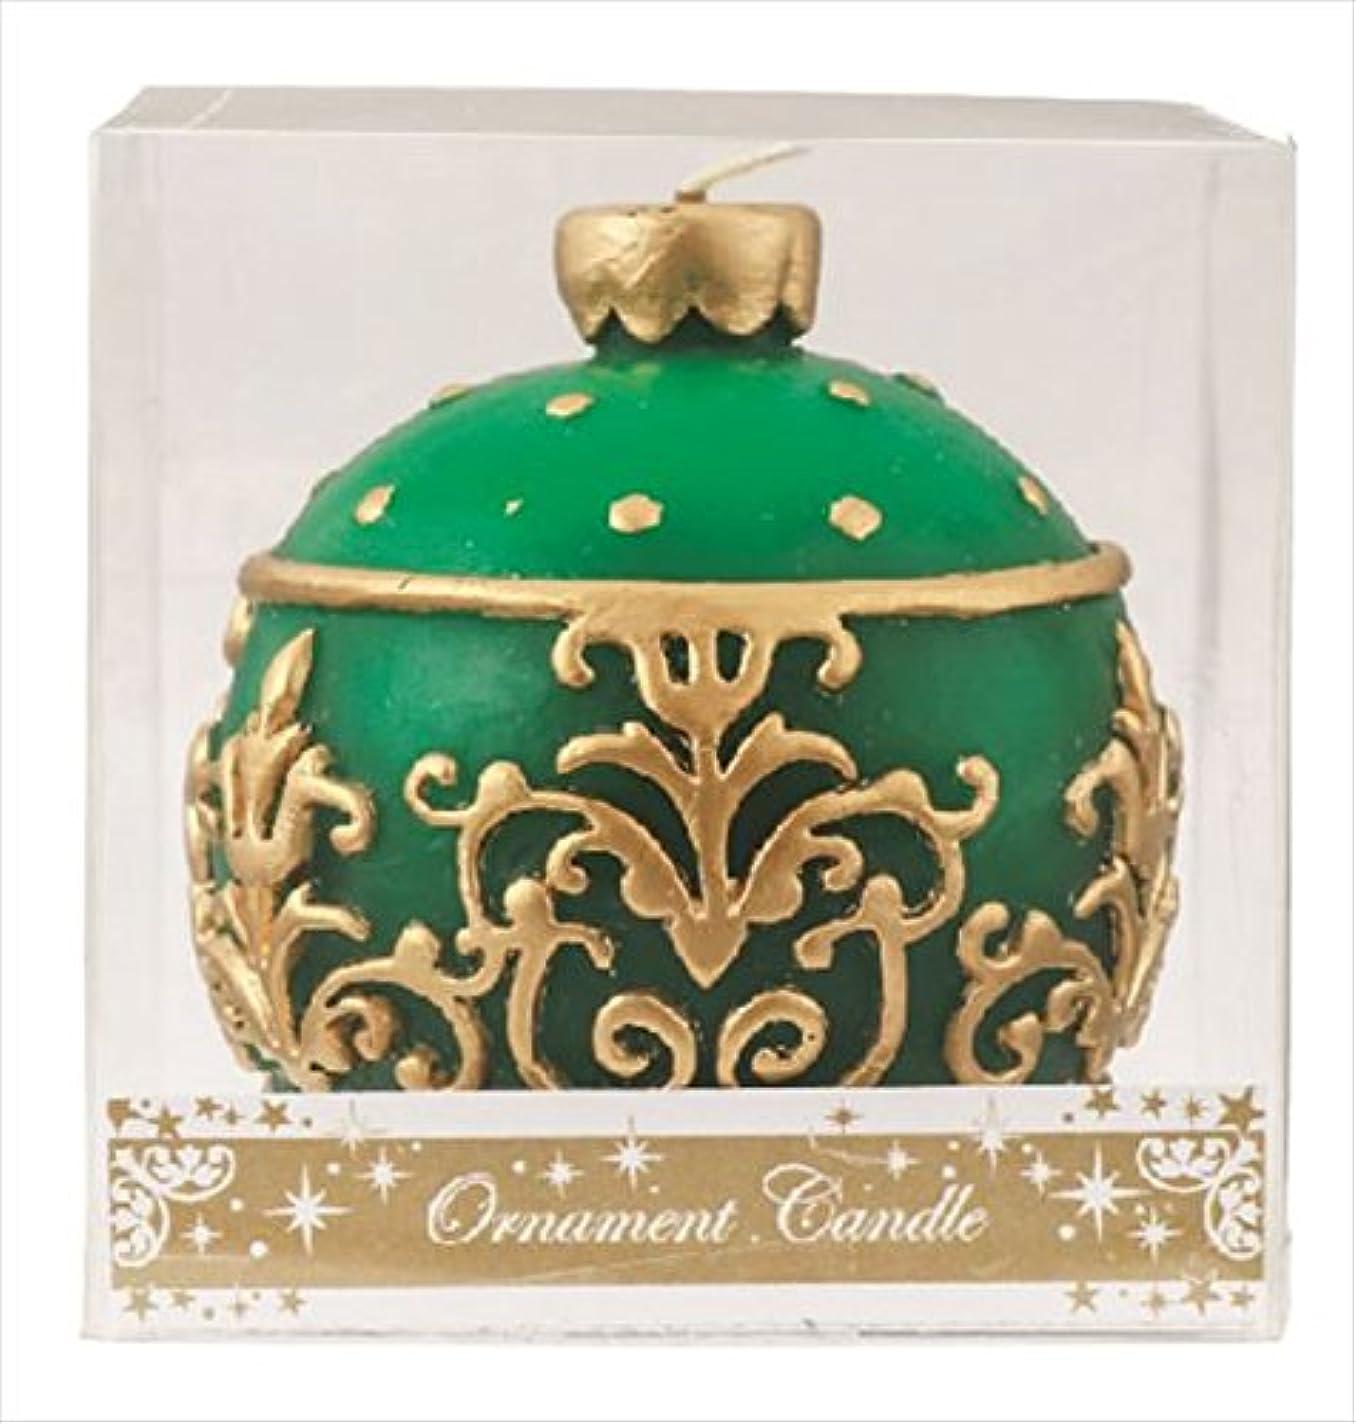 布お気に入り起きるカメヤマキャンドル(kameyama candle) オーナメントキャンドル 「 グリーン 」